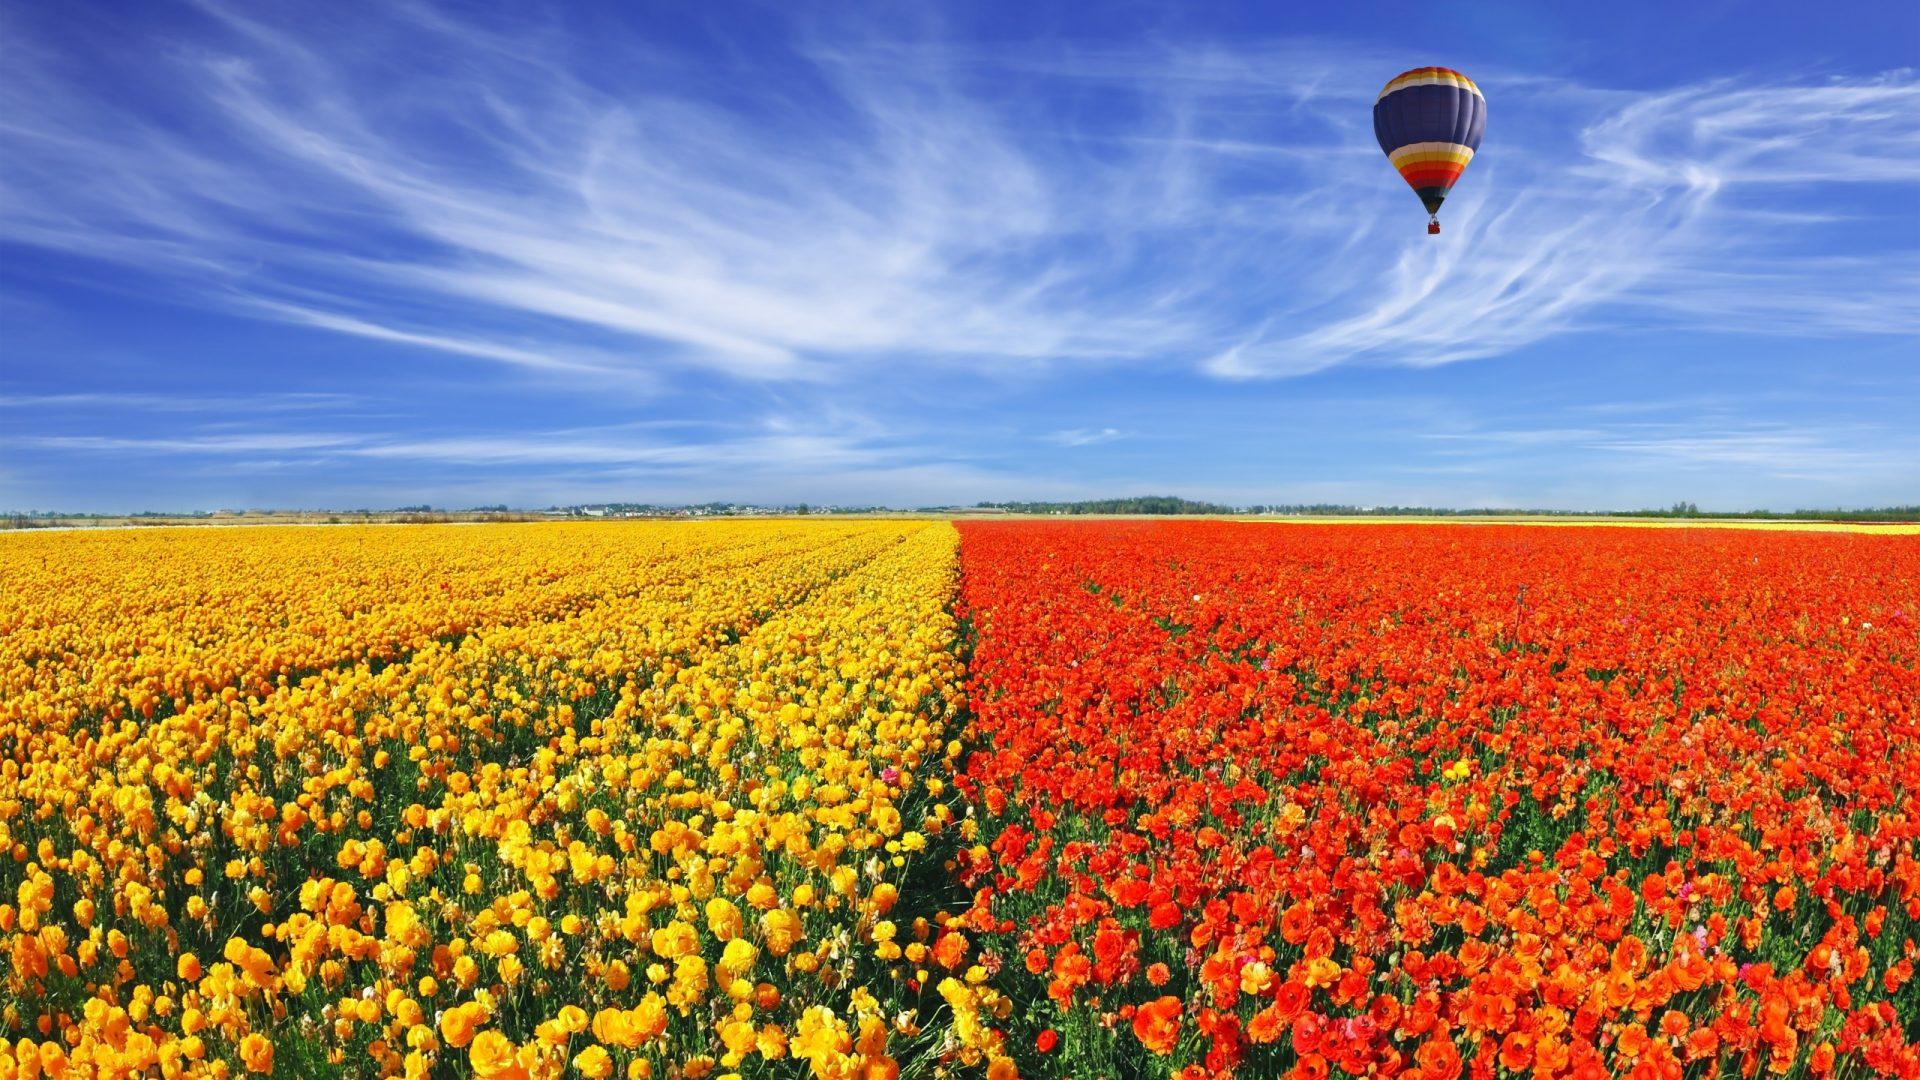 field of flowers wallpapers hd